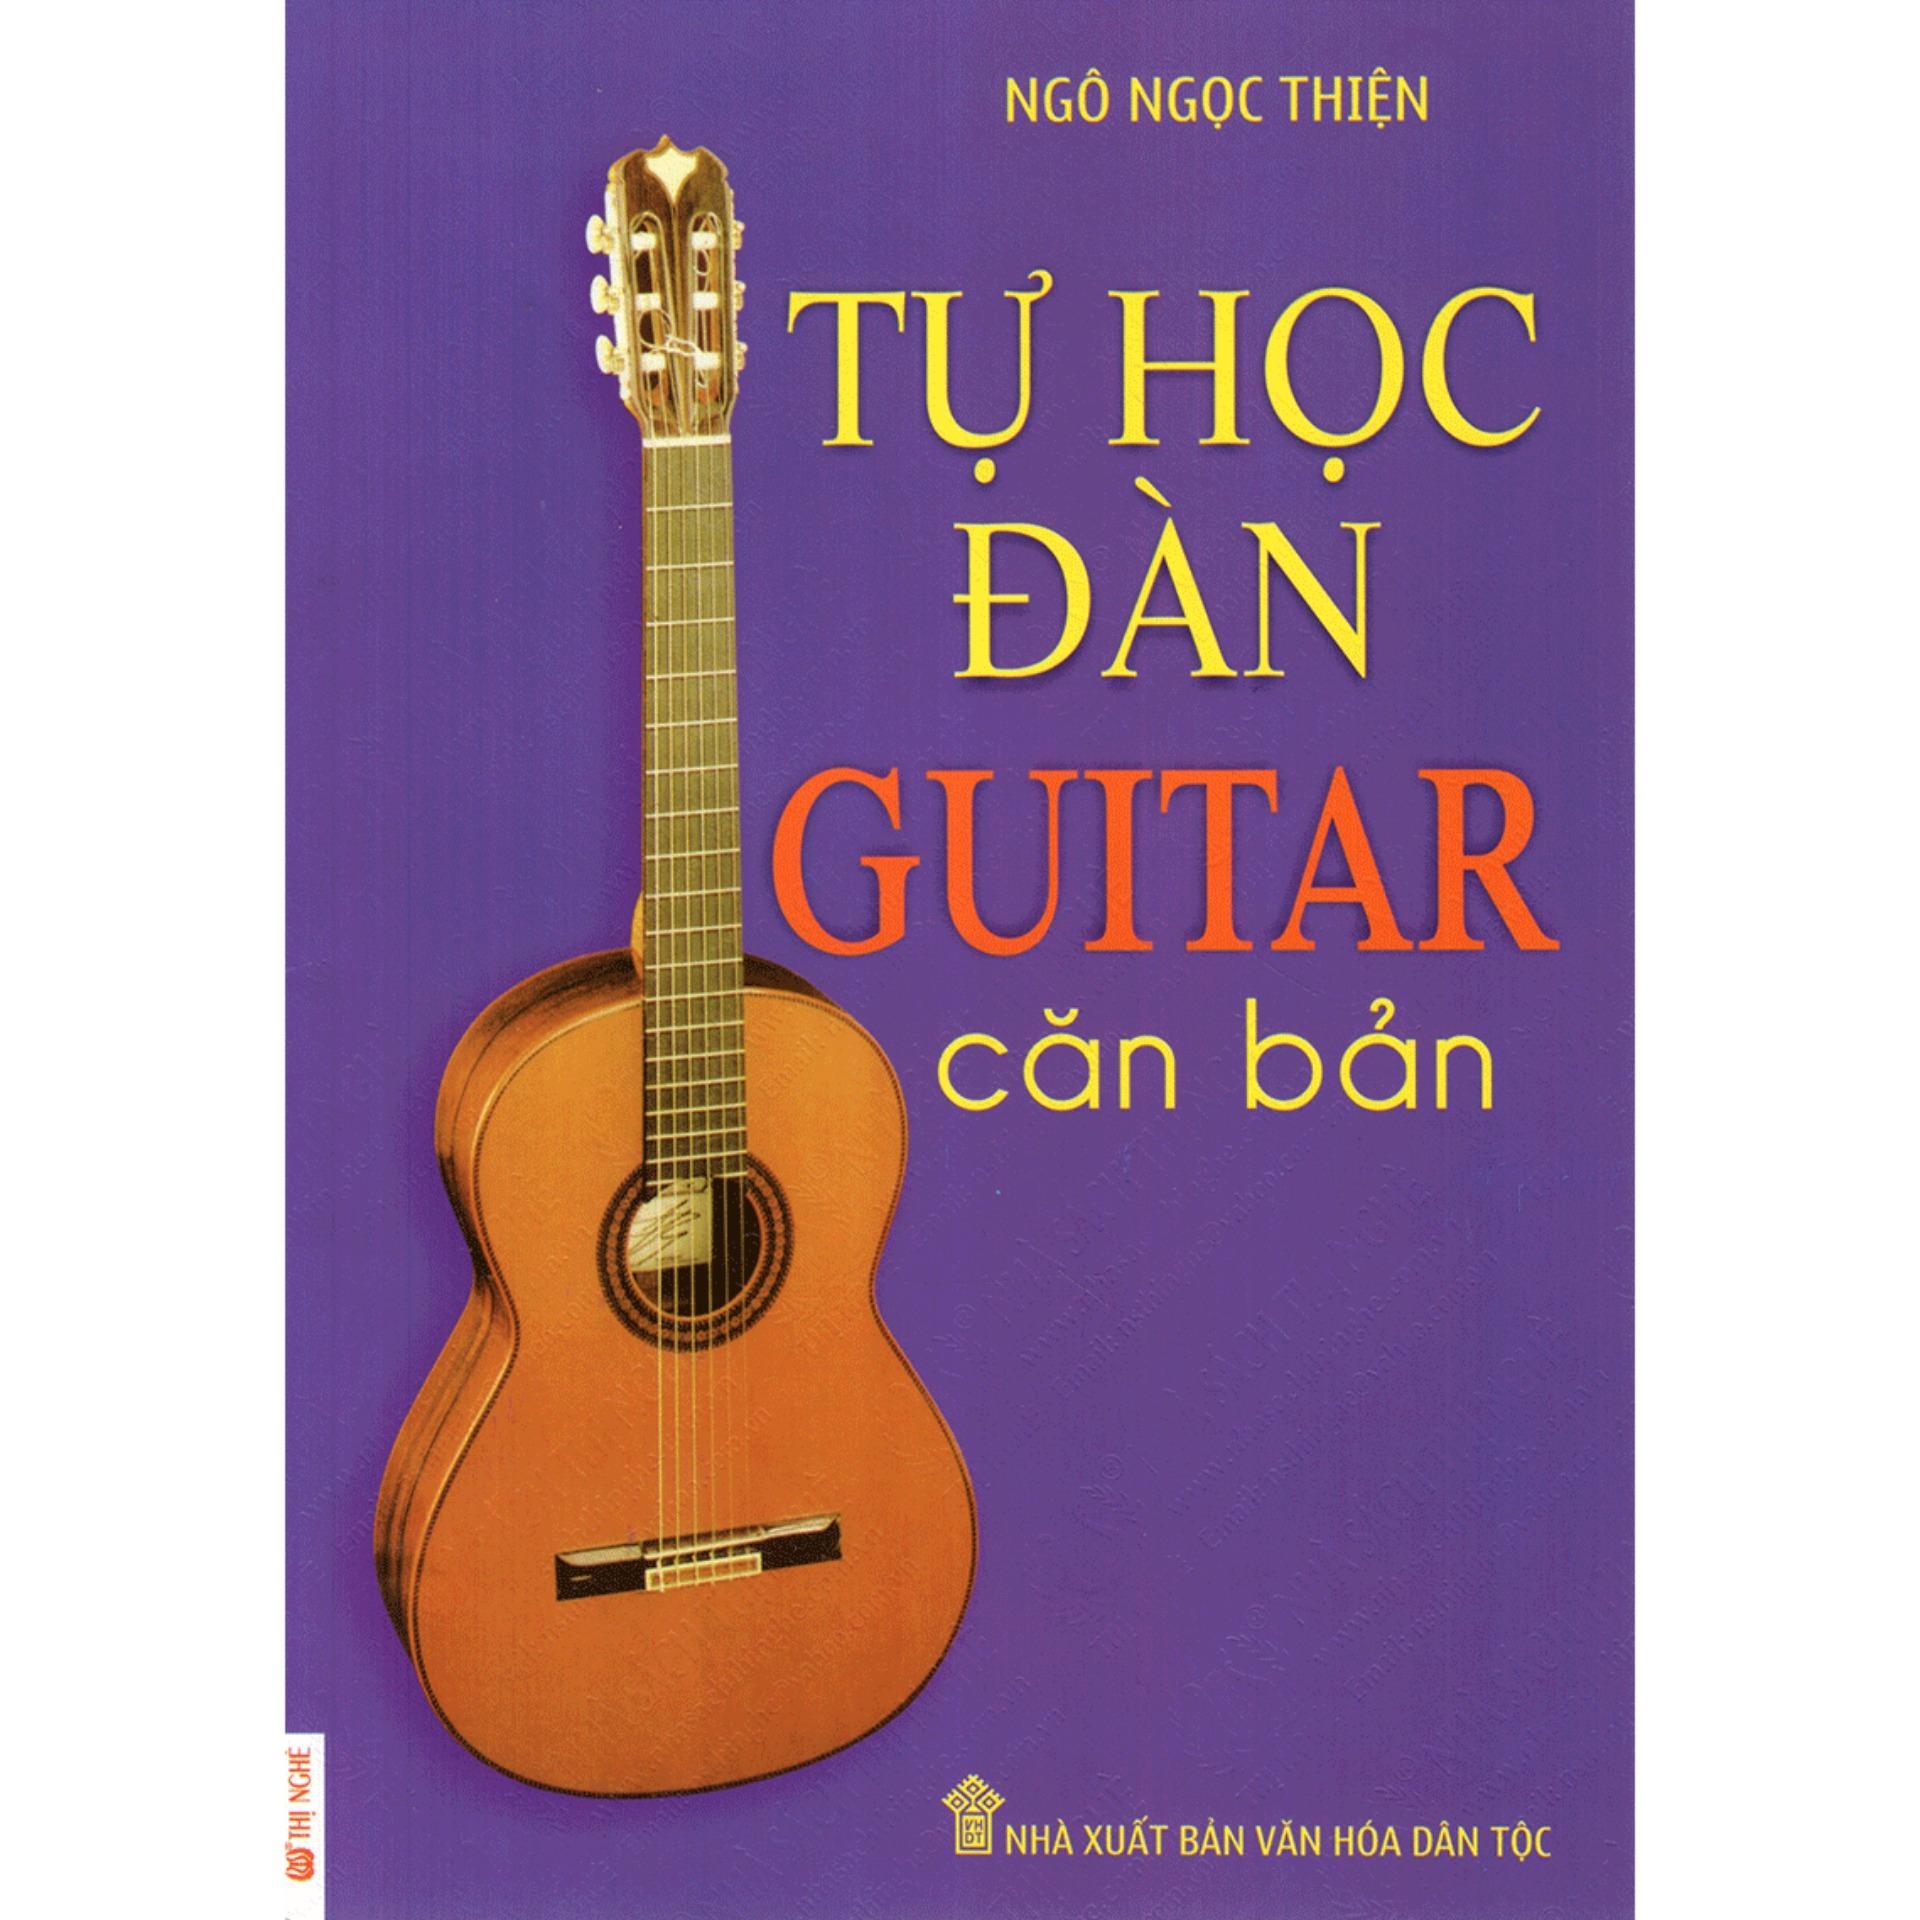 Voucher Ưu Đãi Tự Học Đàn Guitar Căn Bản (Kèm CD)